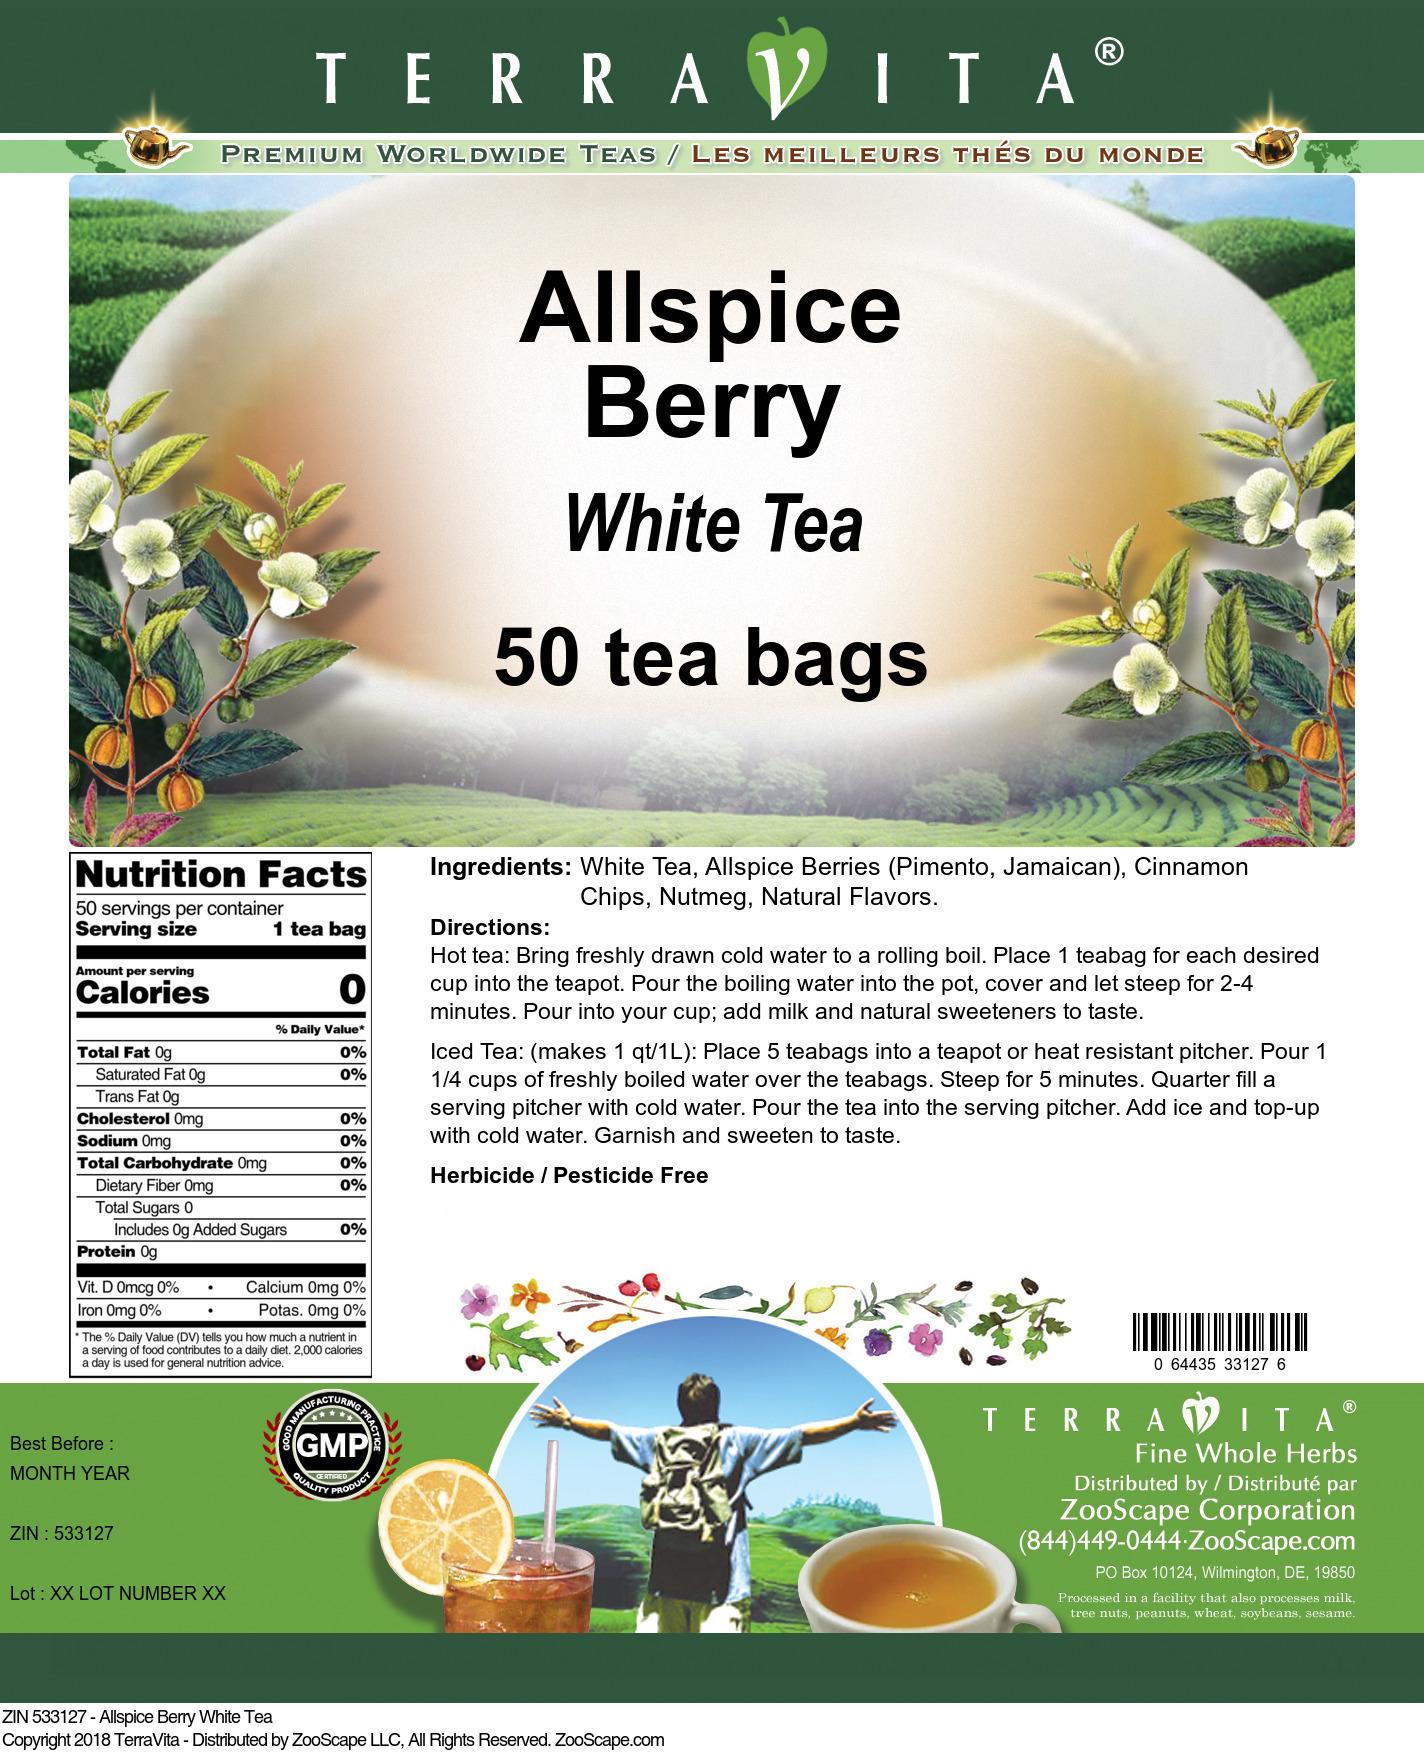 Allspice Berry White Tea